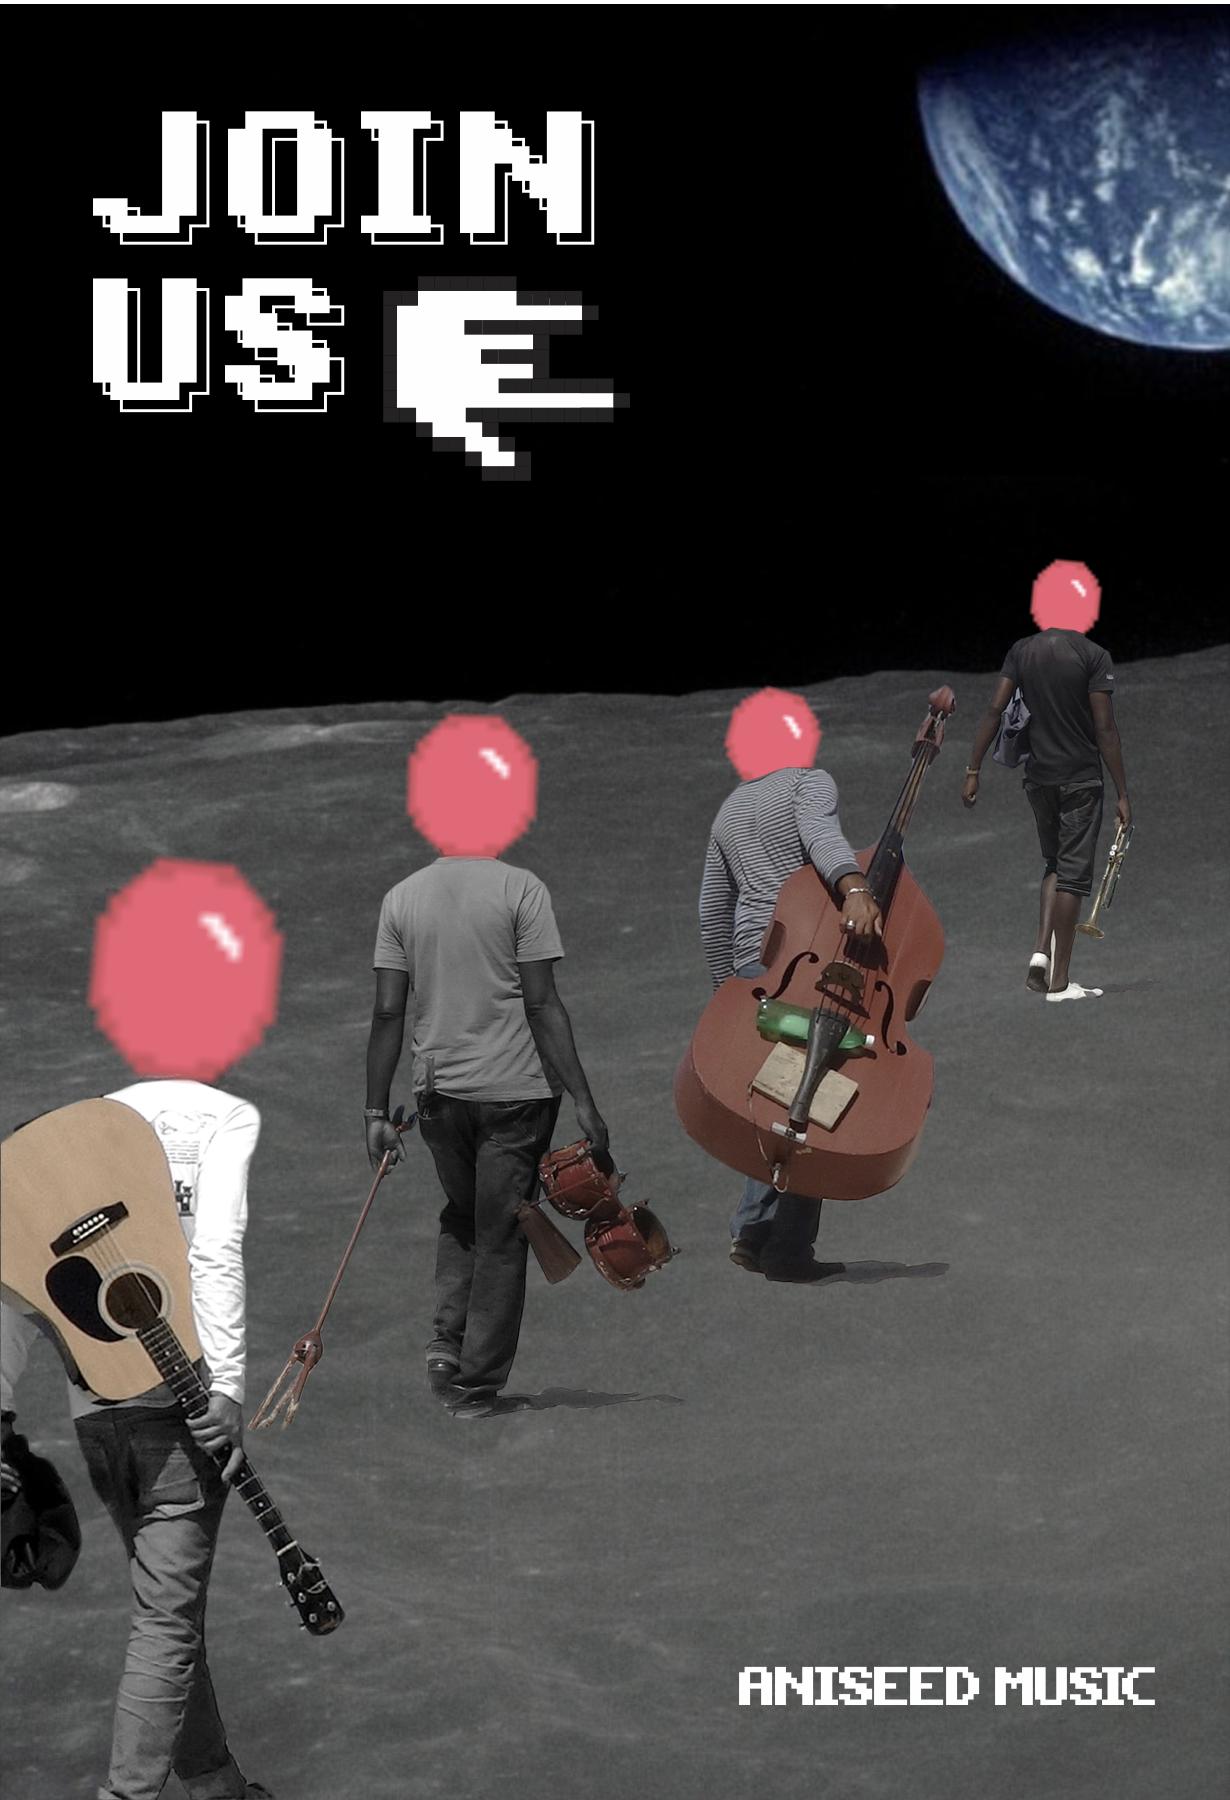 漫步太空拼贴画